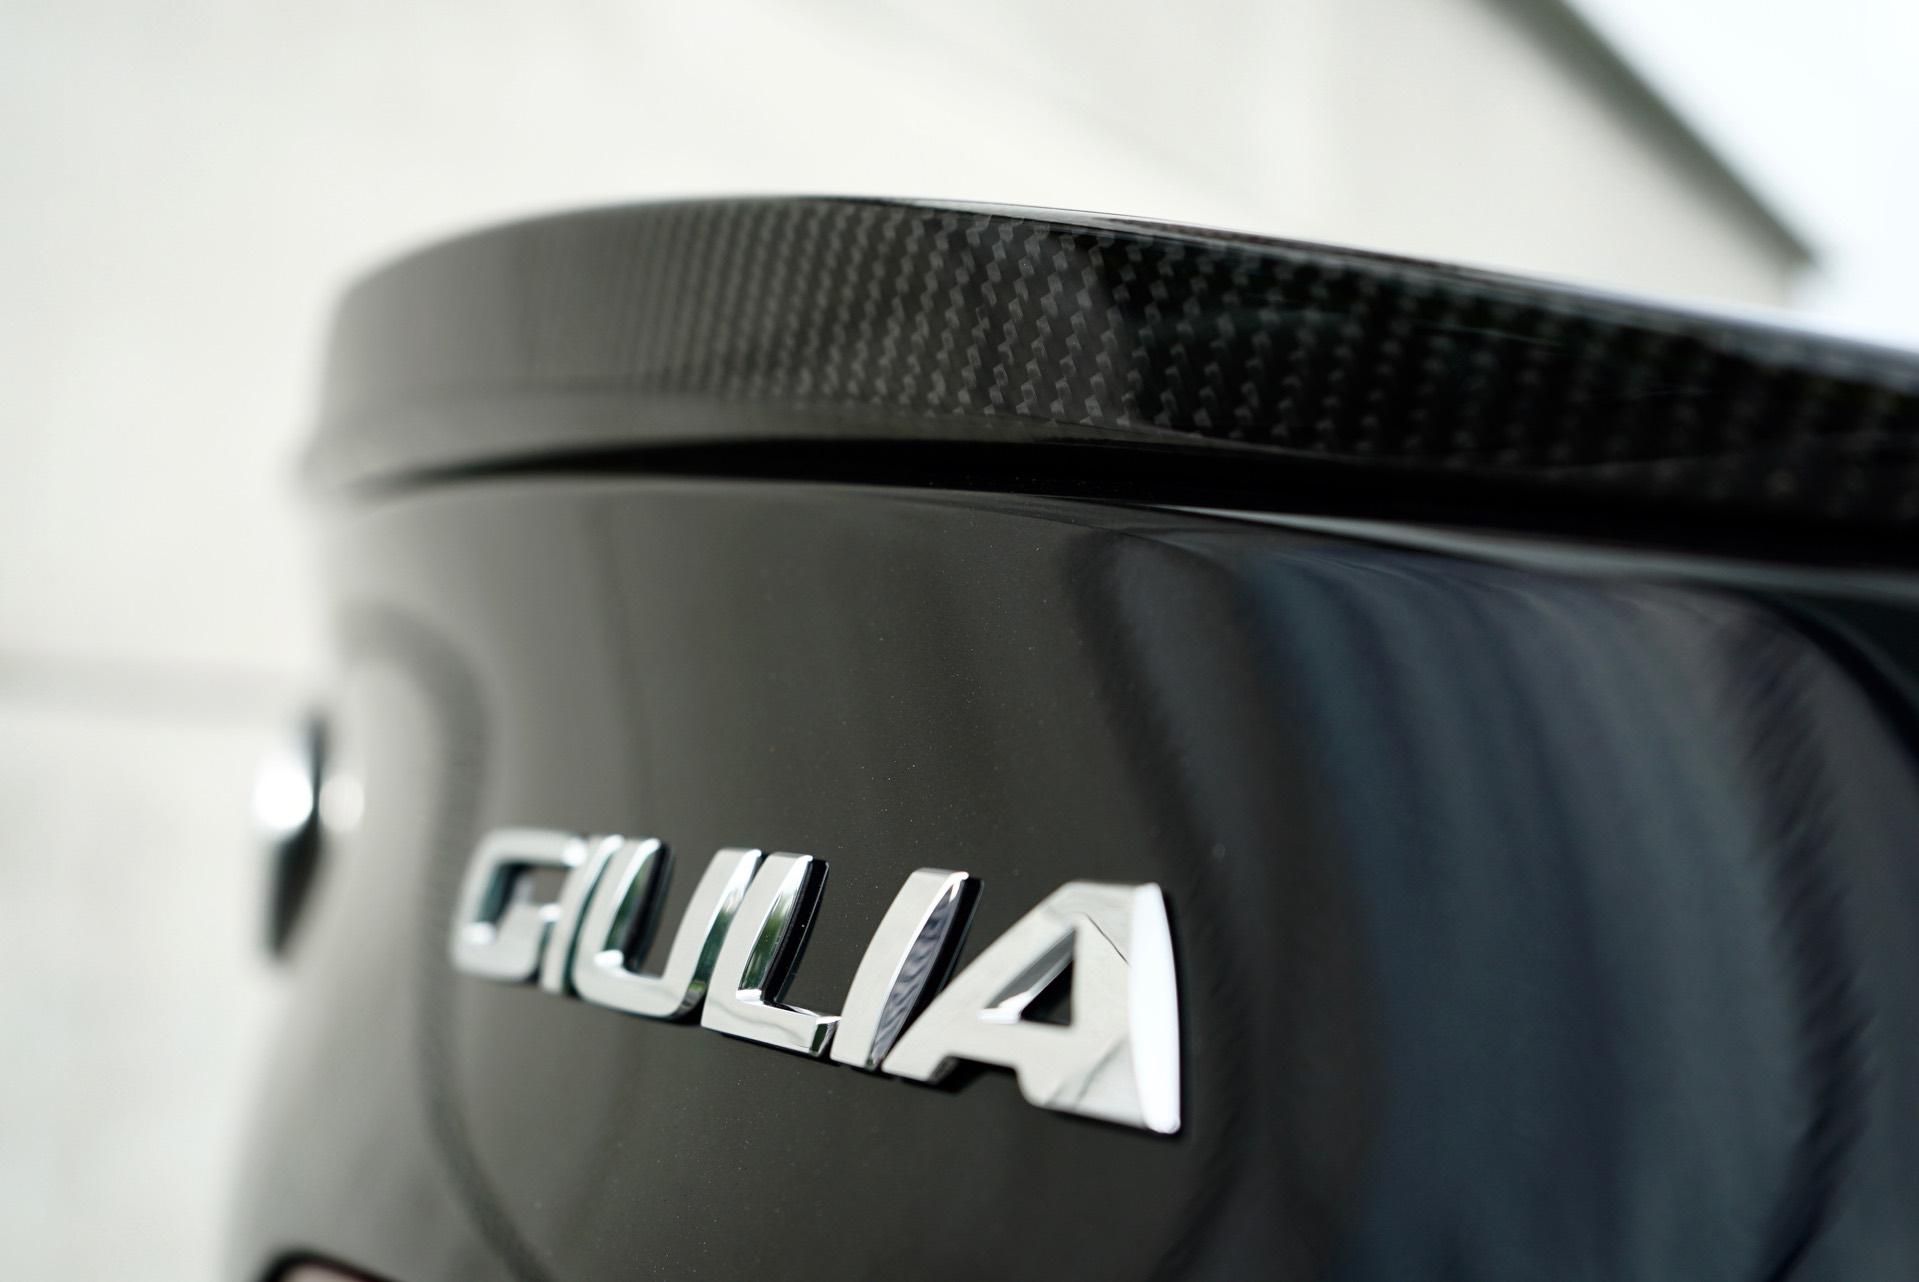 ALFA GIULIA 2.9 V6 QUADRIFOGLIO